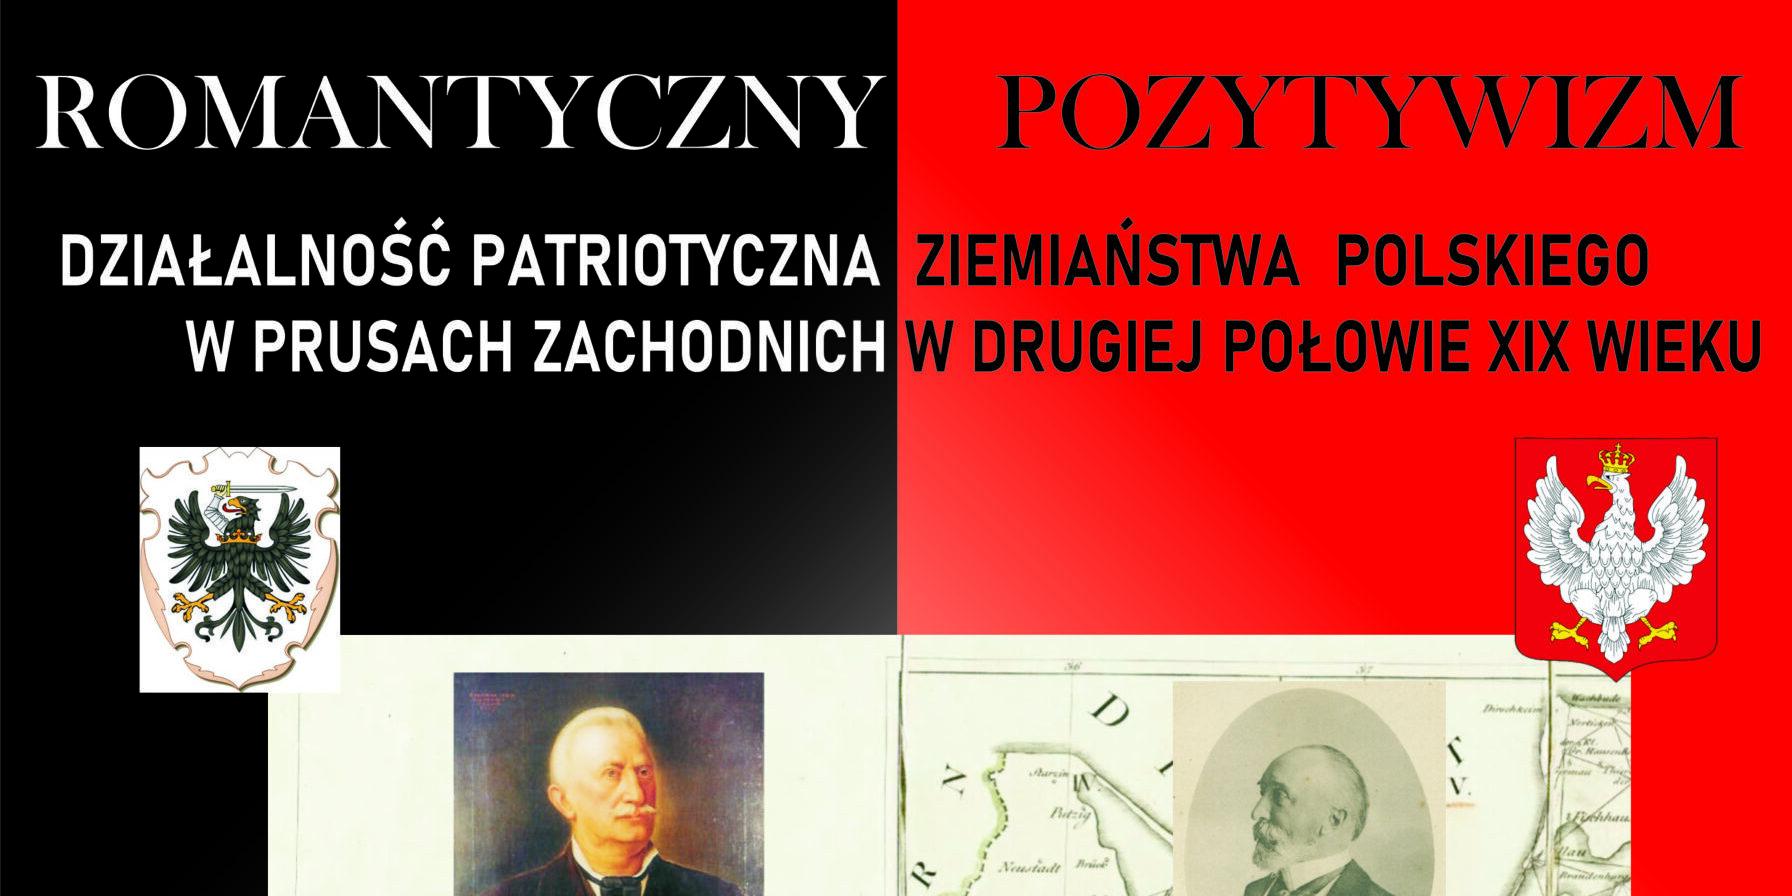 """Cykl spotkań w ramach projektu """"Romantyczny pozytywizm"""""""